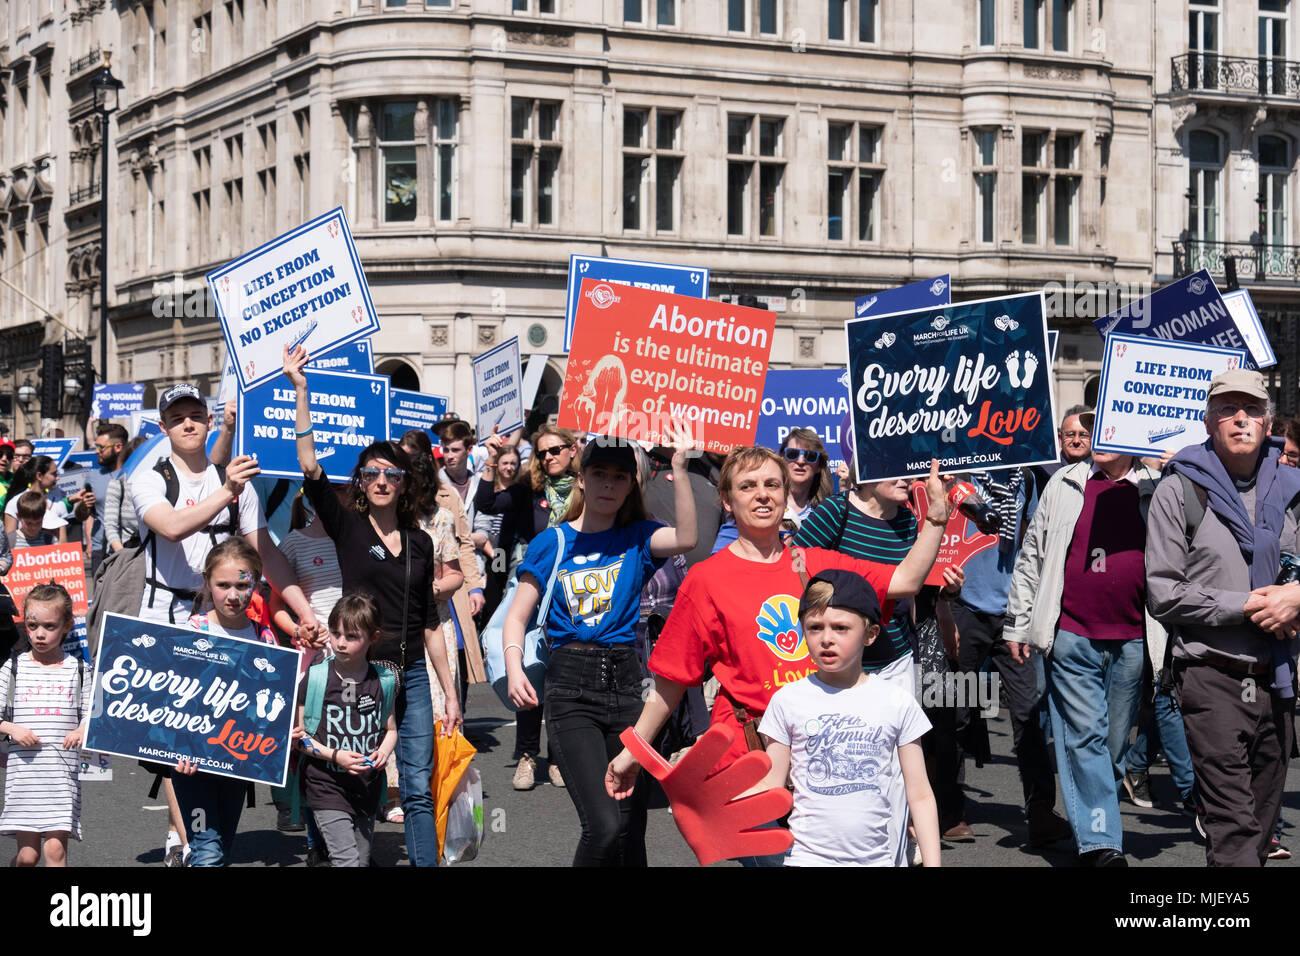 Londres, Reino Unido, 5 de mayo de 2018, los miembros de la Marcha por la vida en el Reino Unido celebró una marcha por el centro de Londres. Se enfrentaron con miembros del grupo de defensa del derecho al aborto que celebraban su propia protesta en la Plaza del Parlamento. Crédito: Adrian vestíbulo/Alamy Live News Foto de stock